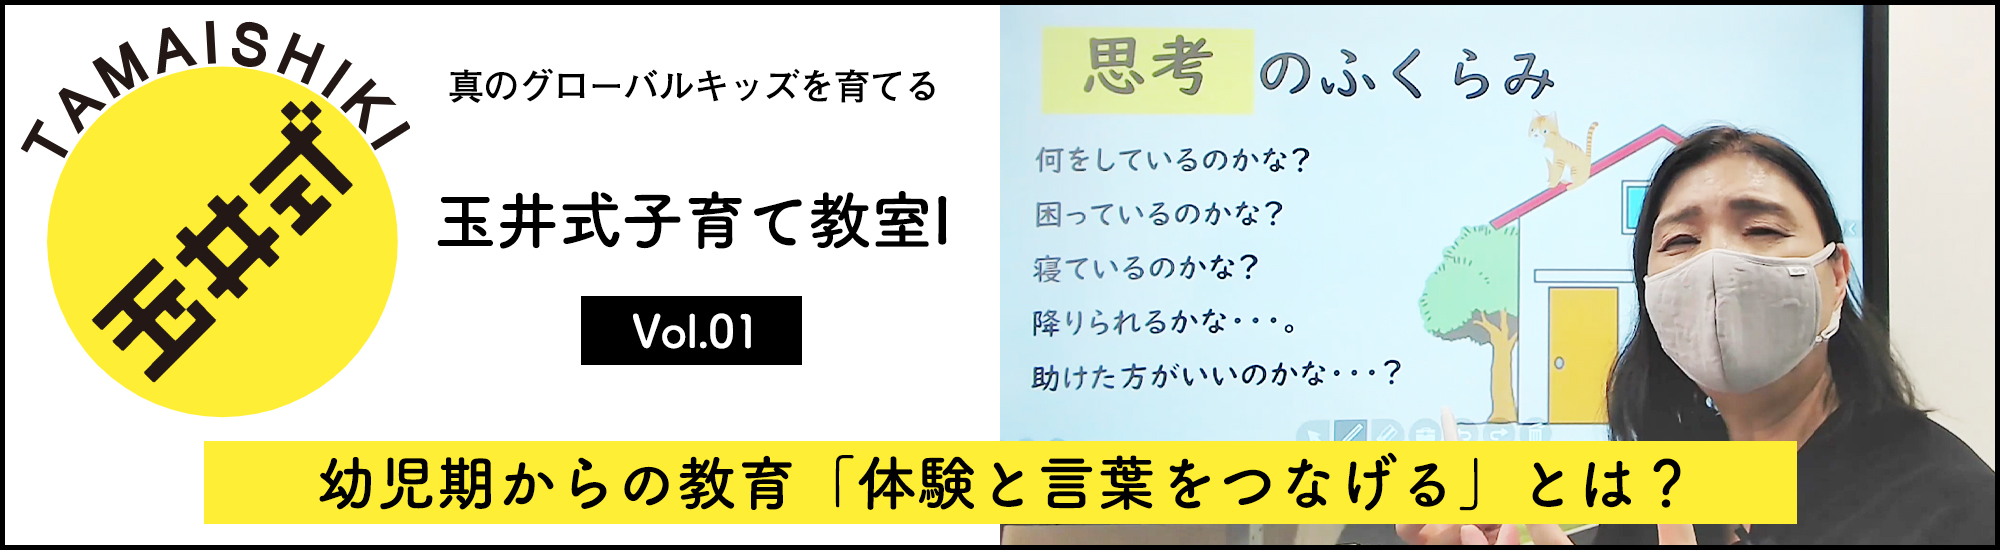 【玉井式子育て教室I】-Vol.01- 幼児期からの教育「体験と言葉をつなげる」とは?